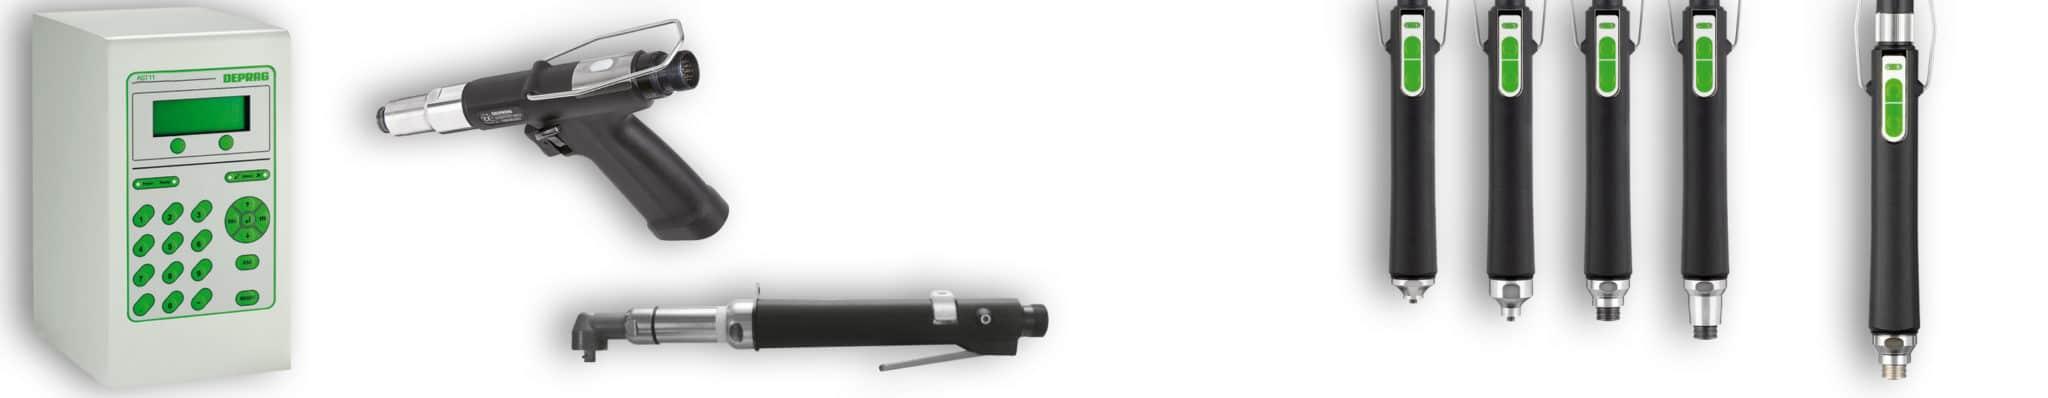 DEPRAG Minimat EC handschroevendraaiers series